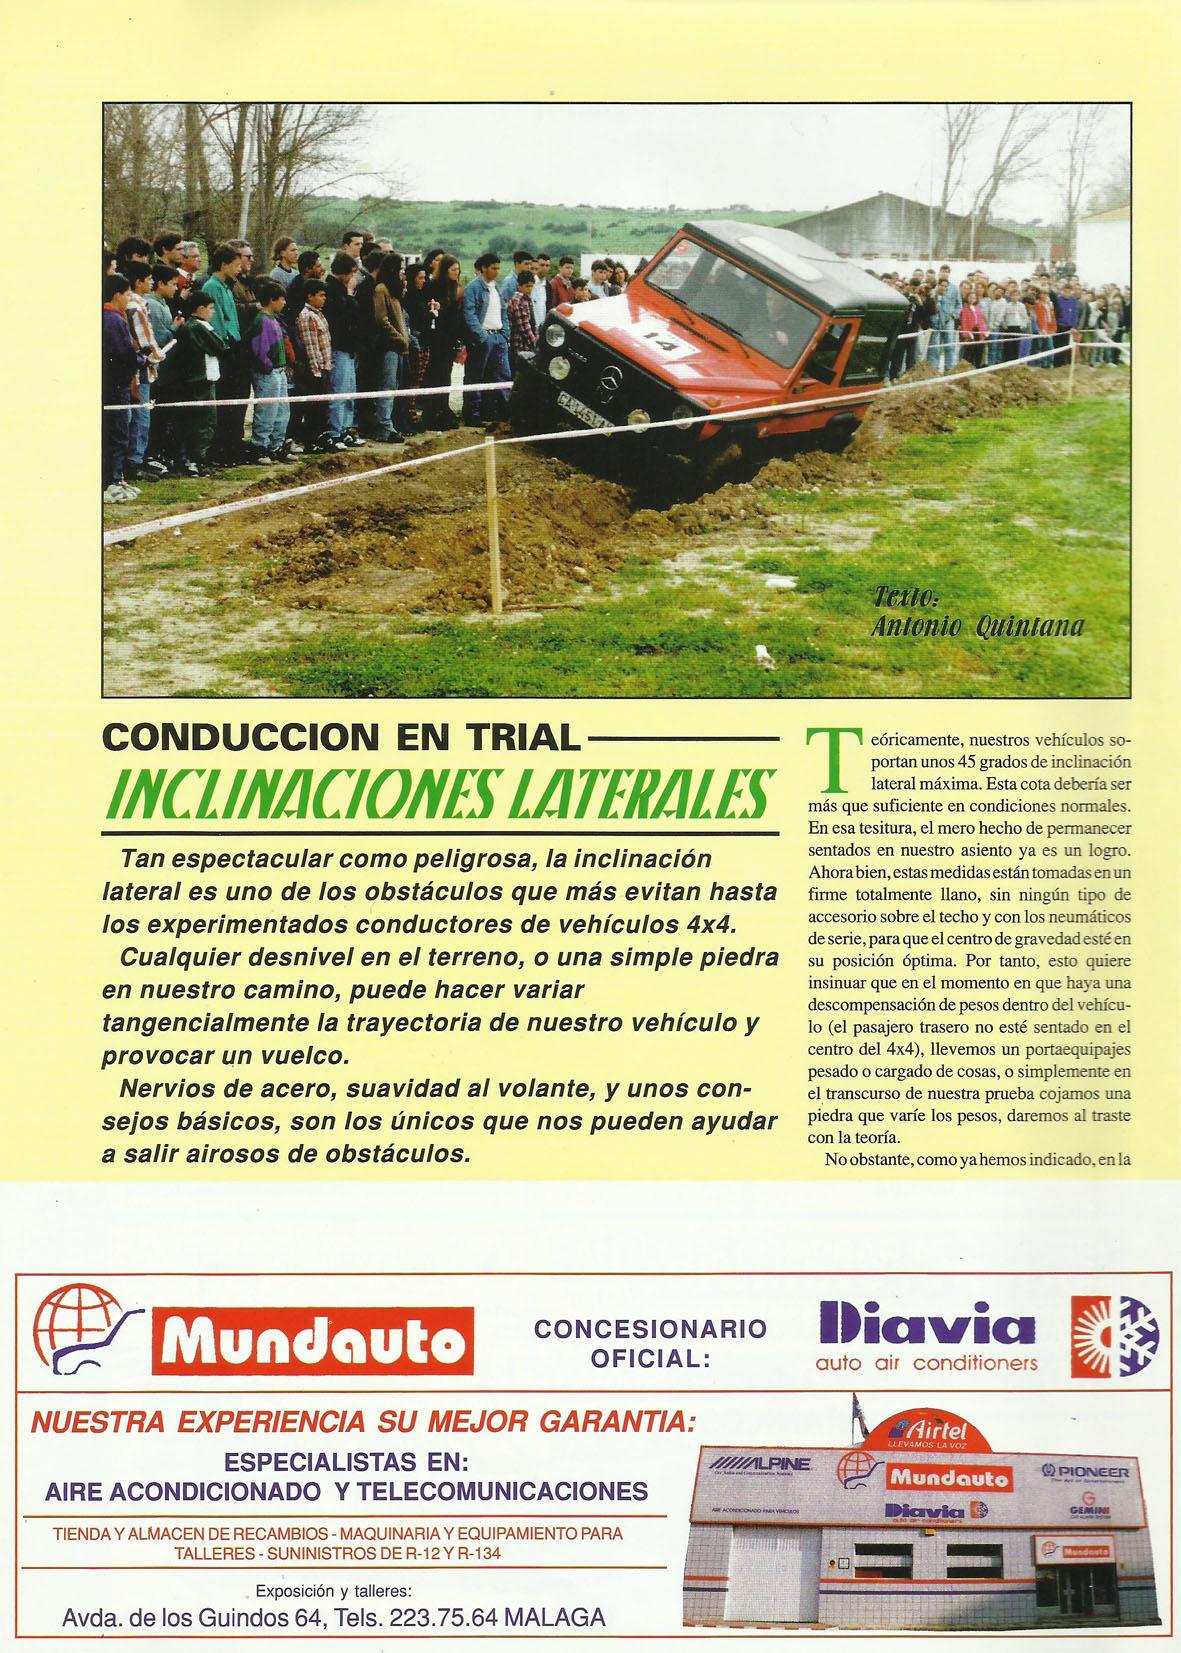 Revista Local 4x4 32 38 Conducción en Trial Inclinaciones Laterales